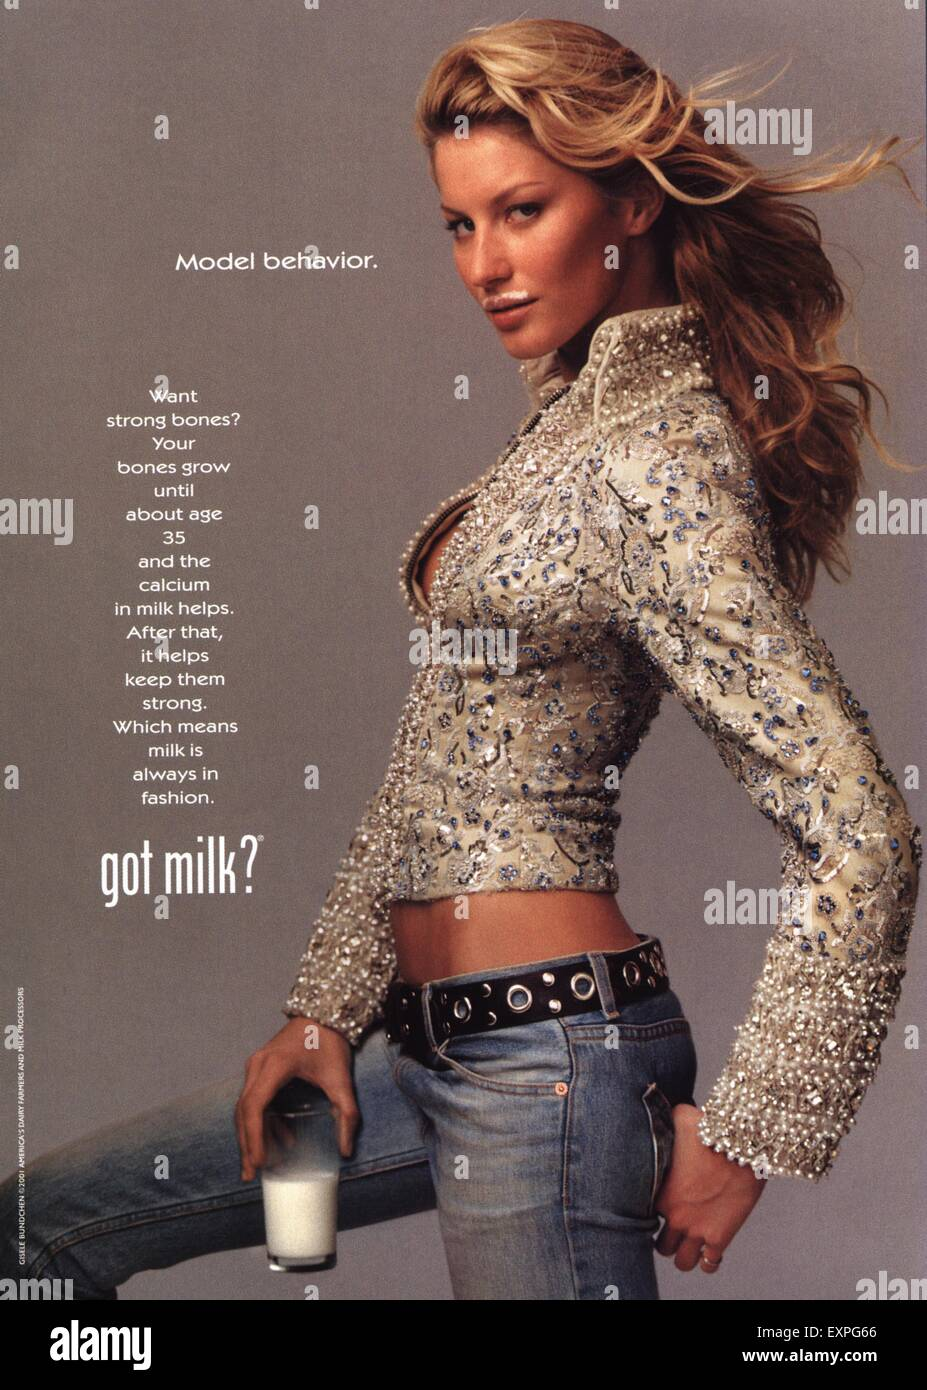 got milk analysis